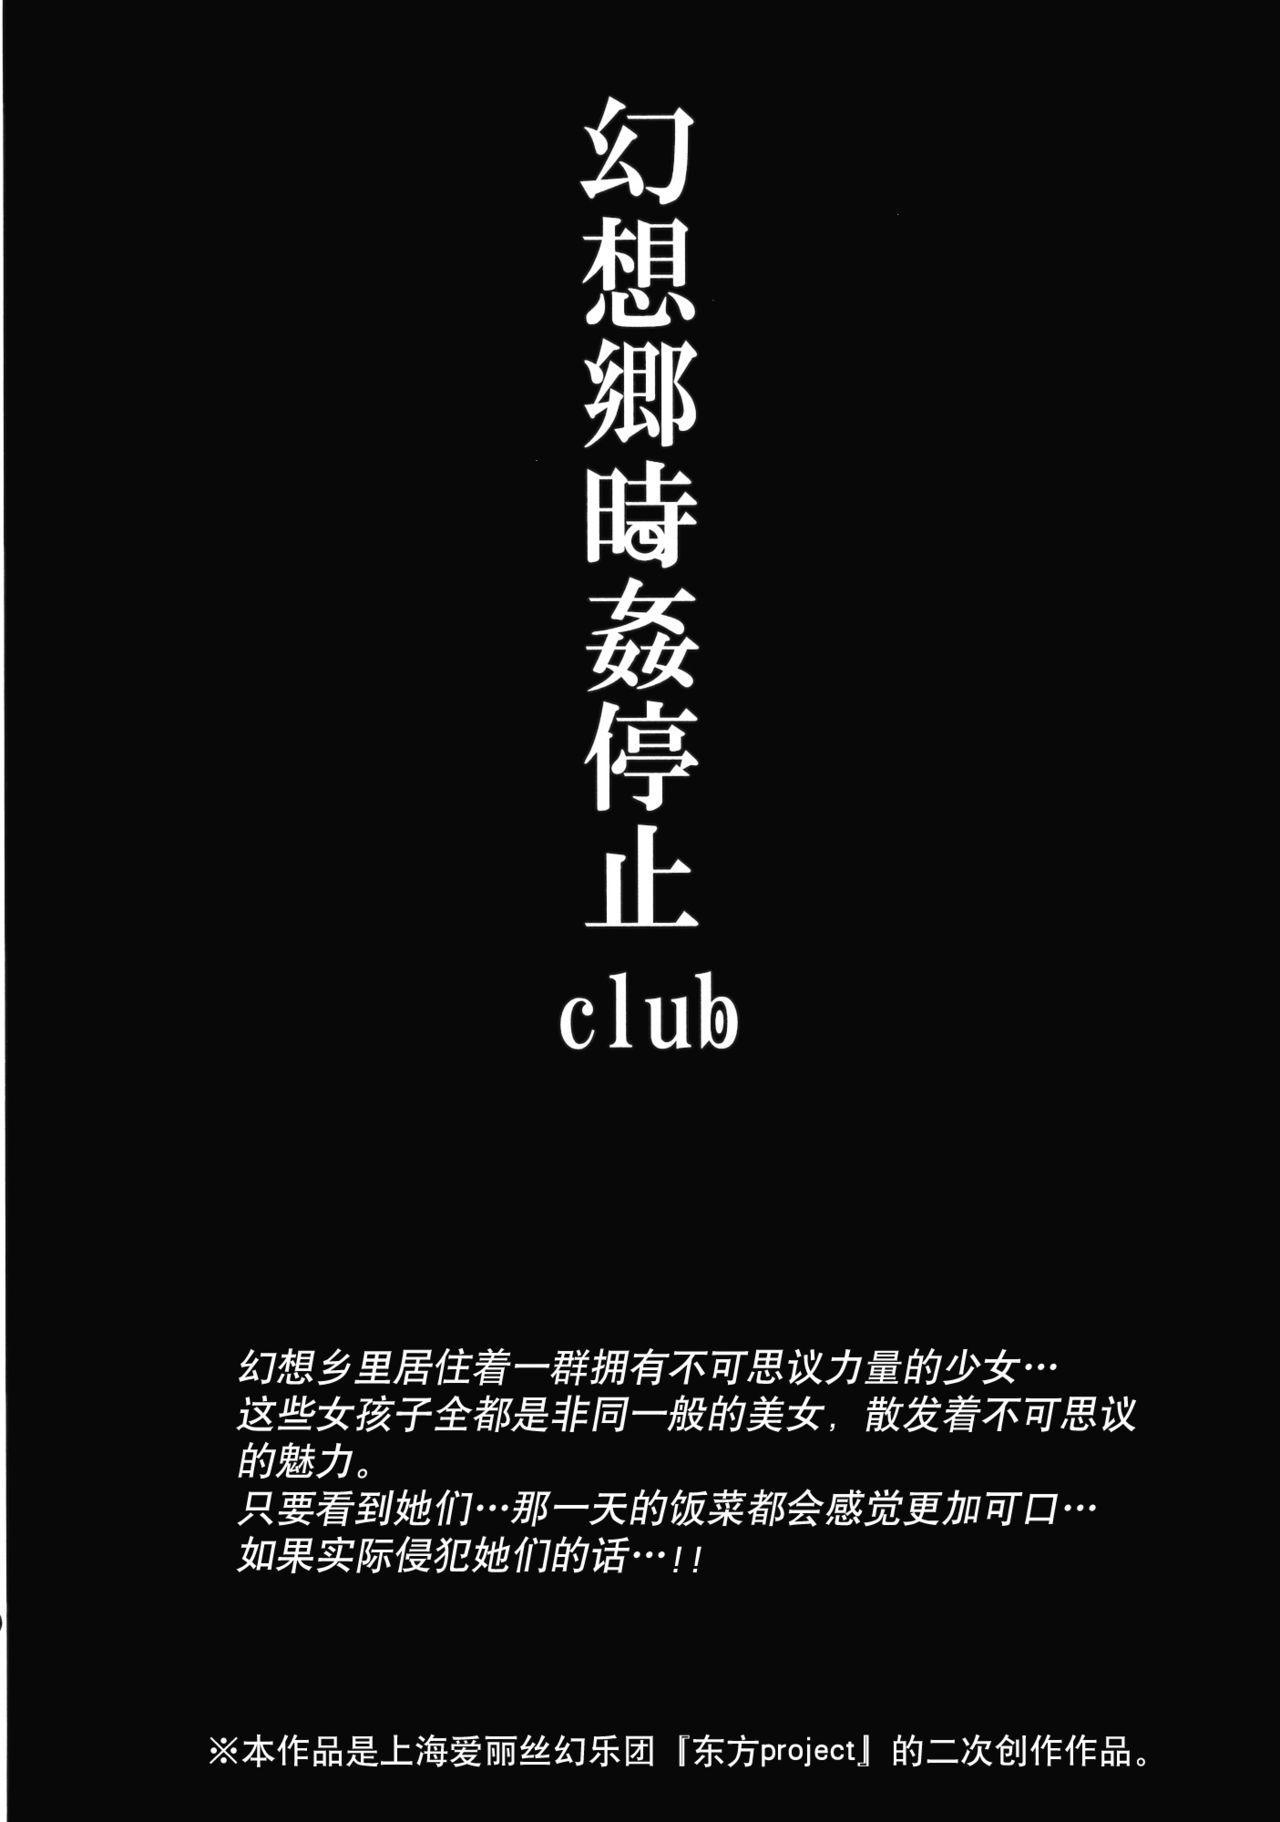 Gensoukyou Jikanteishi club 3